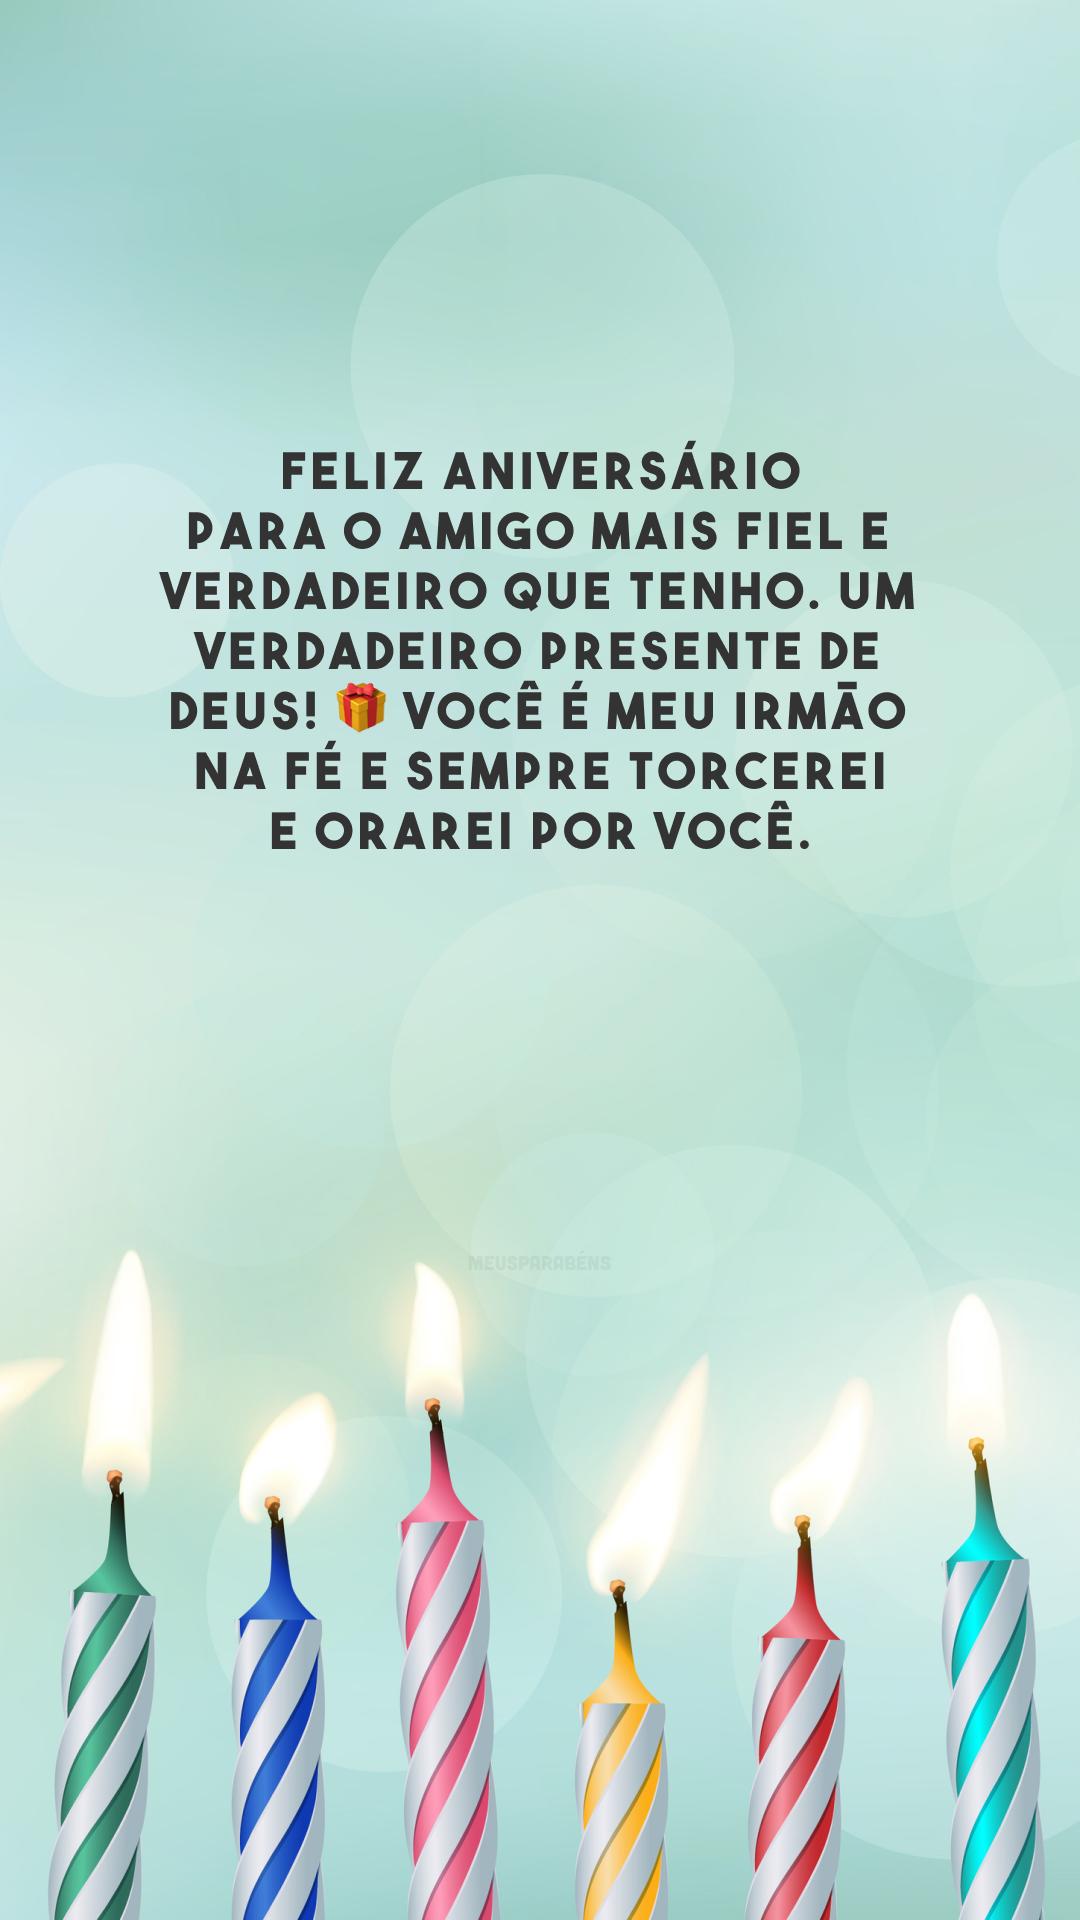 Feliz aniversário para o amigo mais fiel e verdadeiro que tenho. Um verdadeiro presente de Deus! 🎁 Você é meu irmão na fé e sempre torcerei e orarei por você.